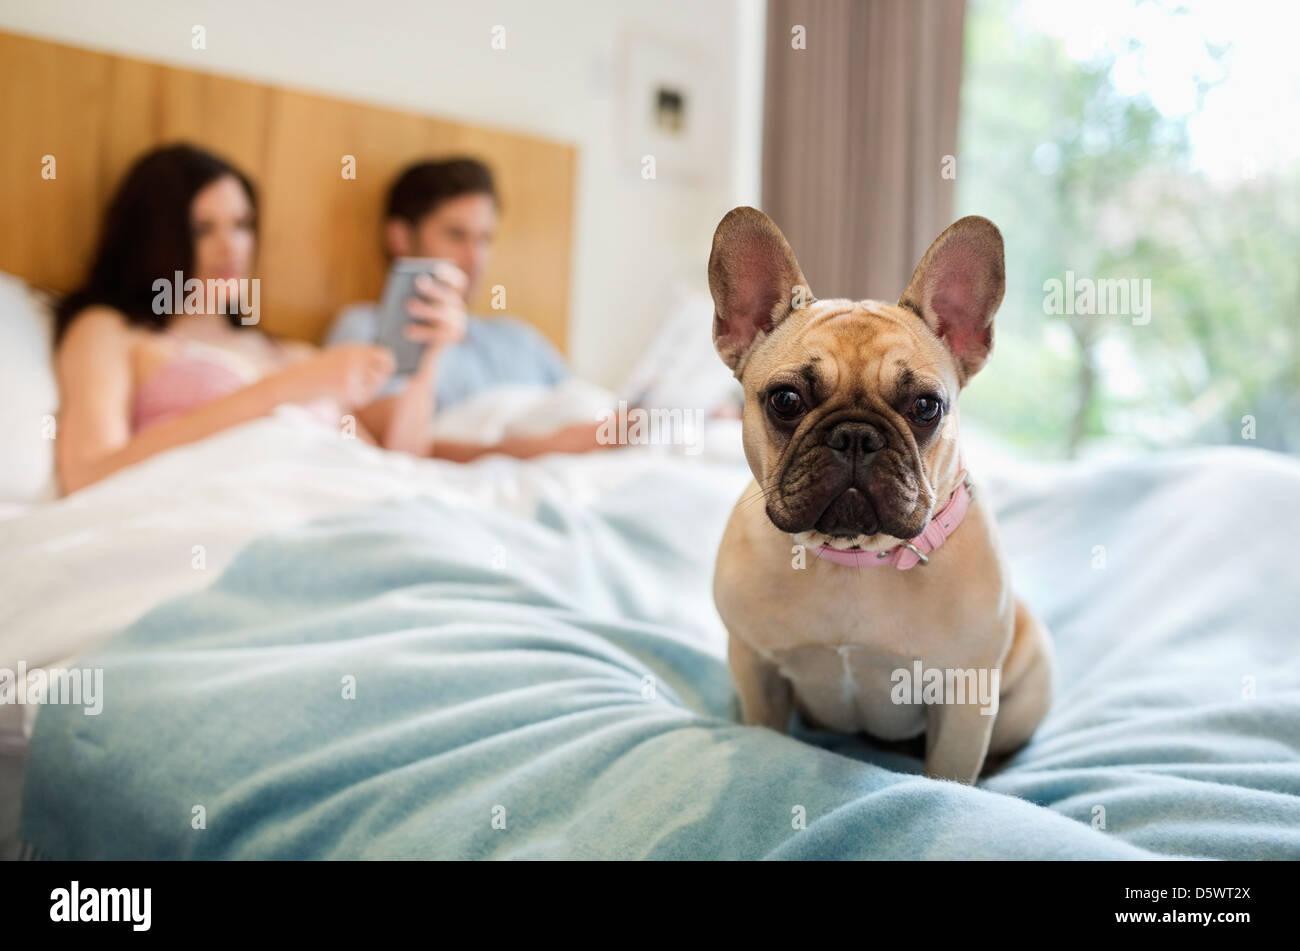 Hundesitting mit paar im Bett Stockfoto